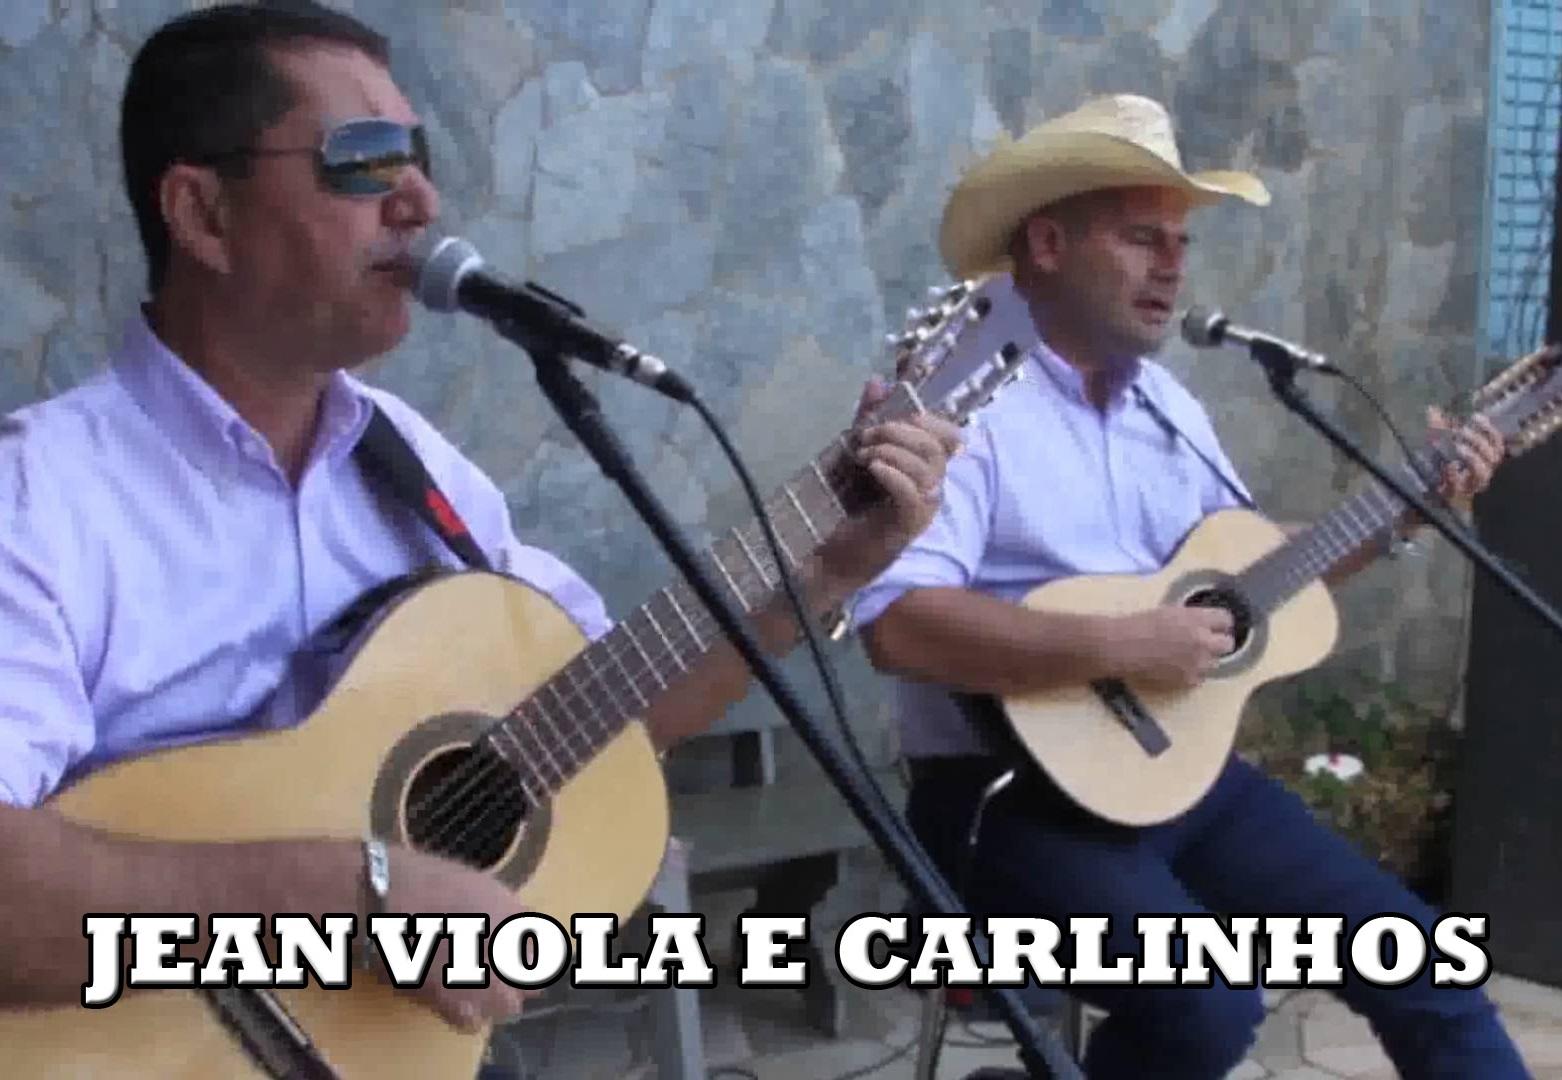 JEAN VIOLA E CARLINHOS